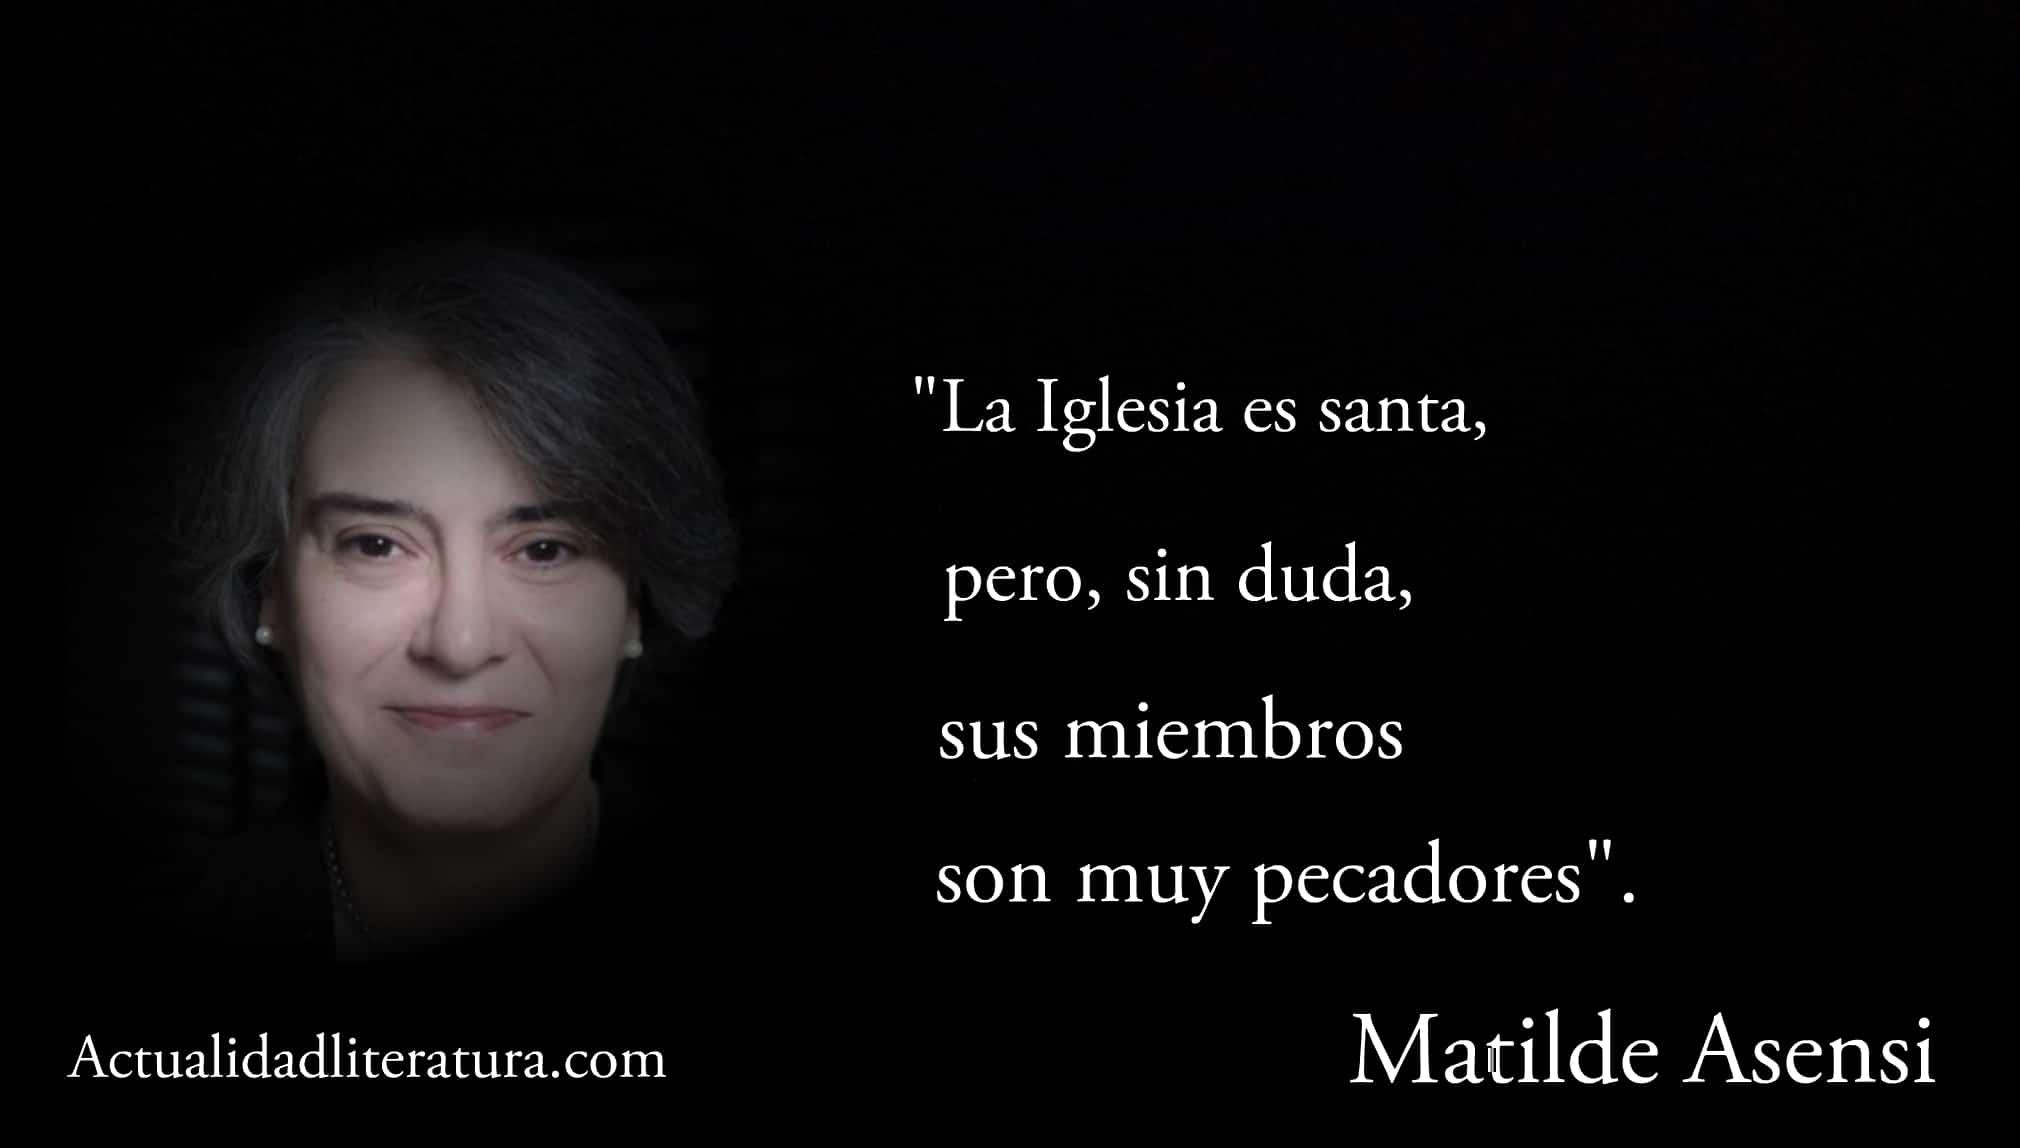 Frase de Matilde Asensi.